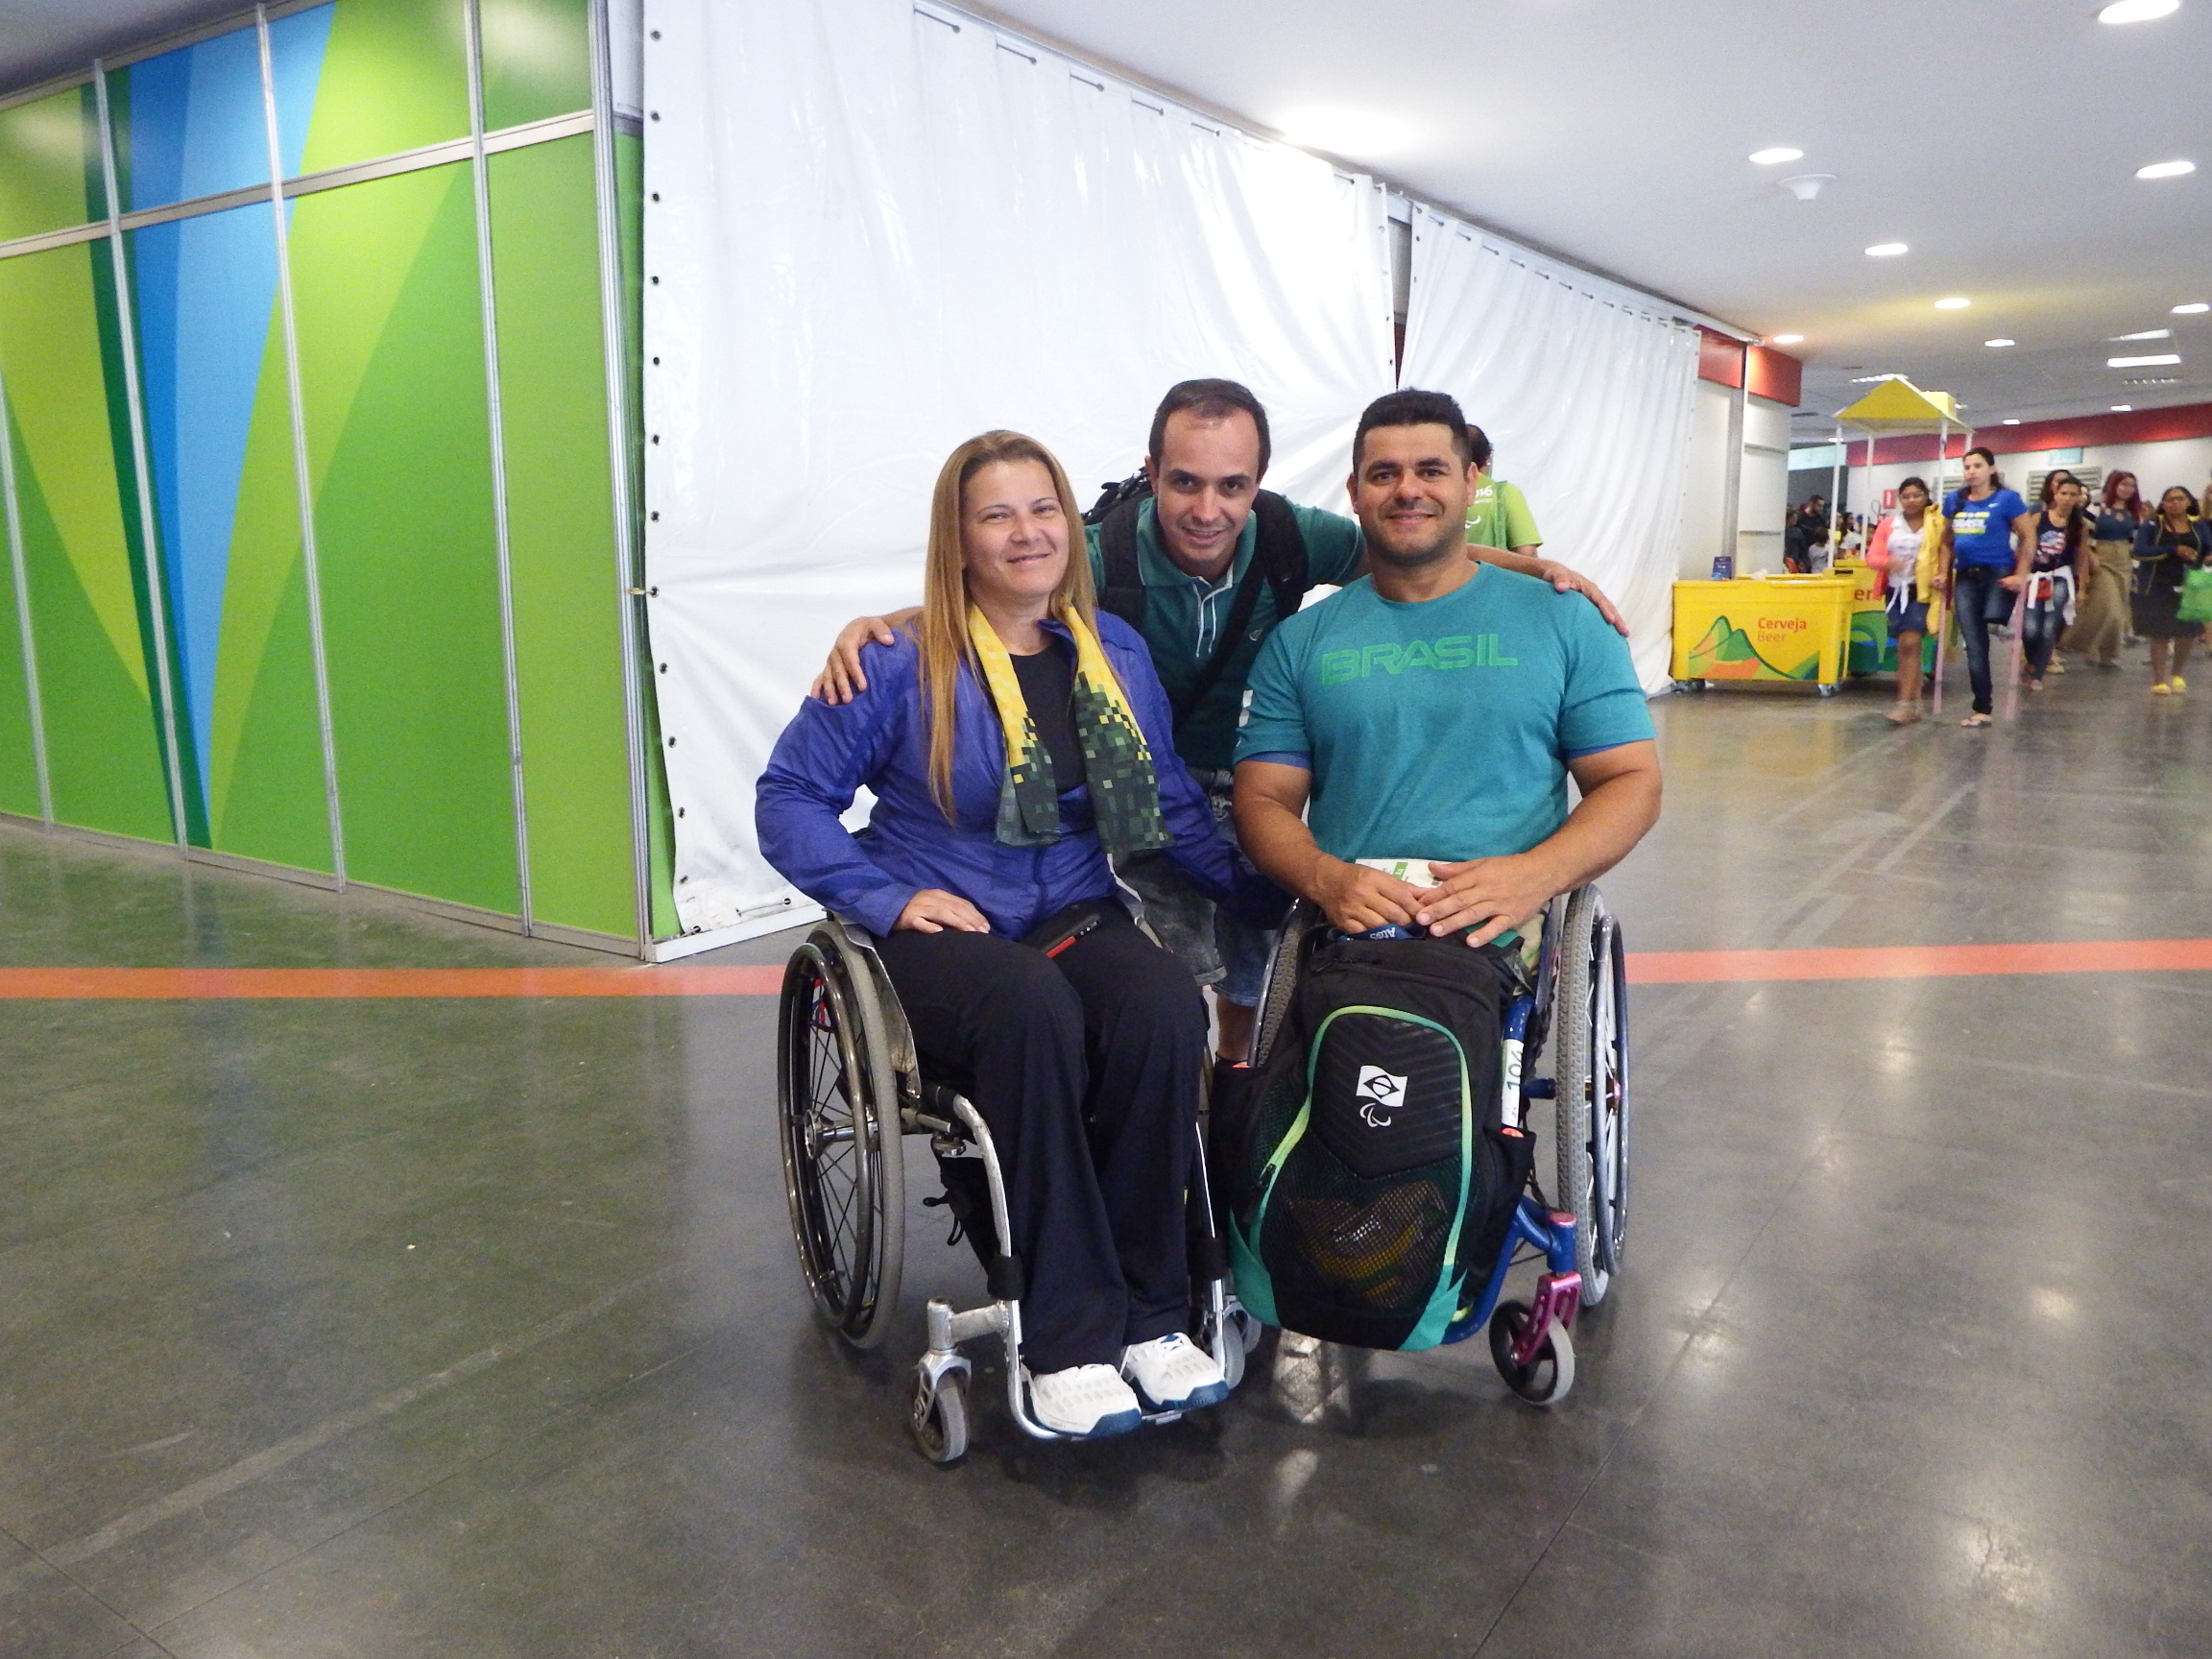 Passeio Pedagógico - Paralímpiadas  Rio 2016